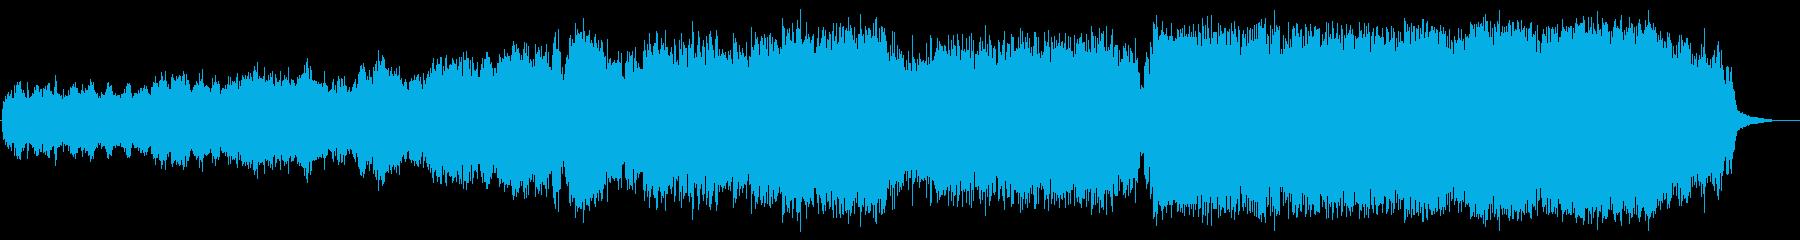 浮遊感と疾走感・重厚感あるBGMの再生済みの波形